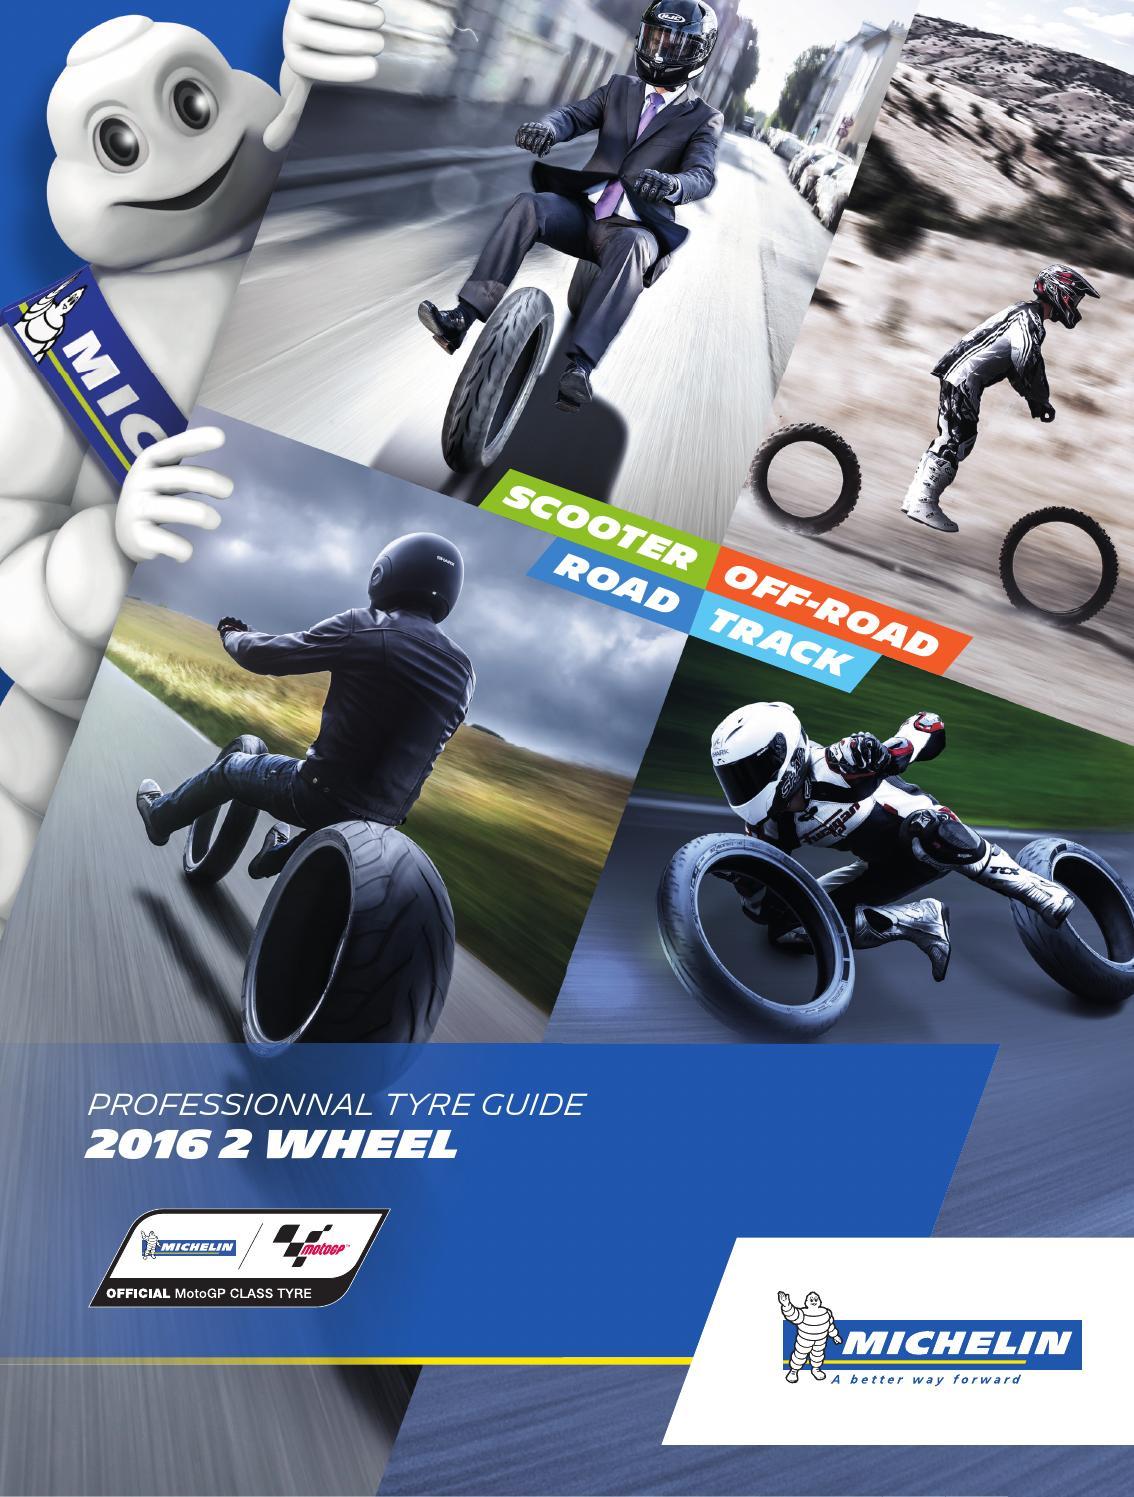 IRC GS-11 GENERAL MOTORCYCLE TIRE REAR 3.50-18 56S TT